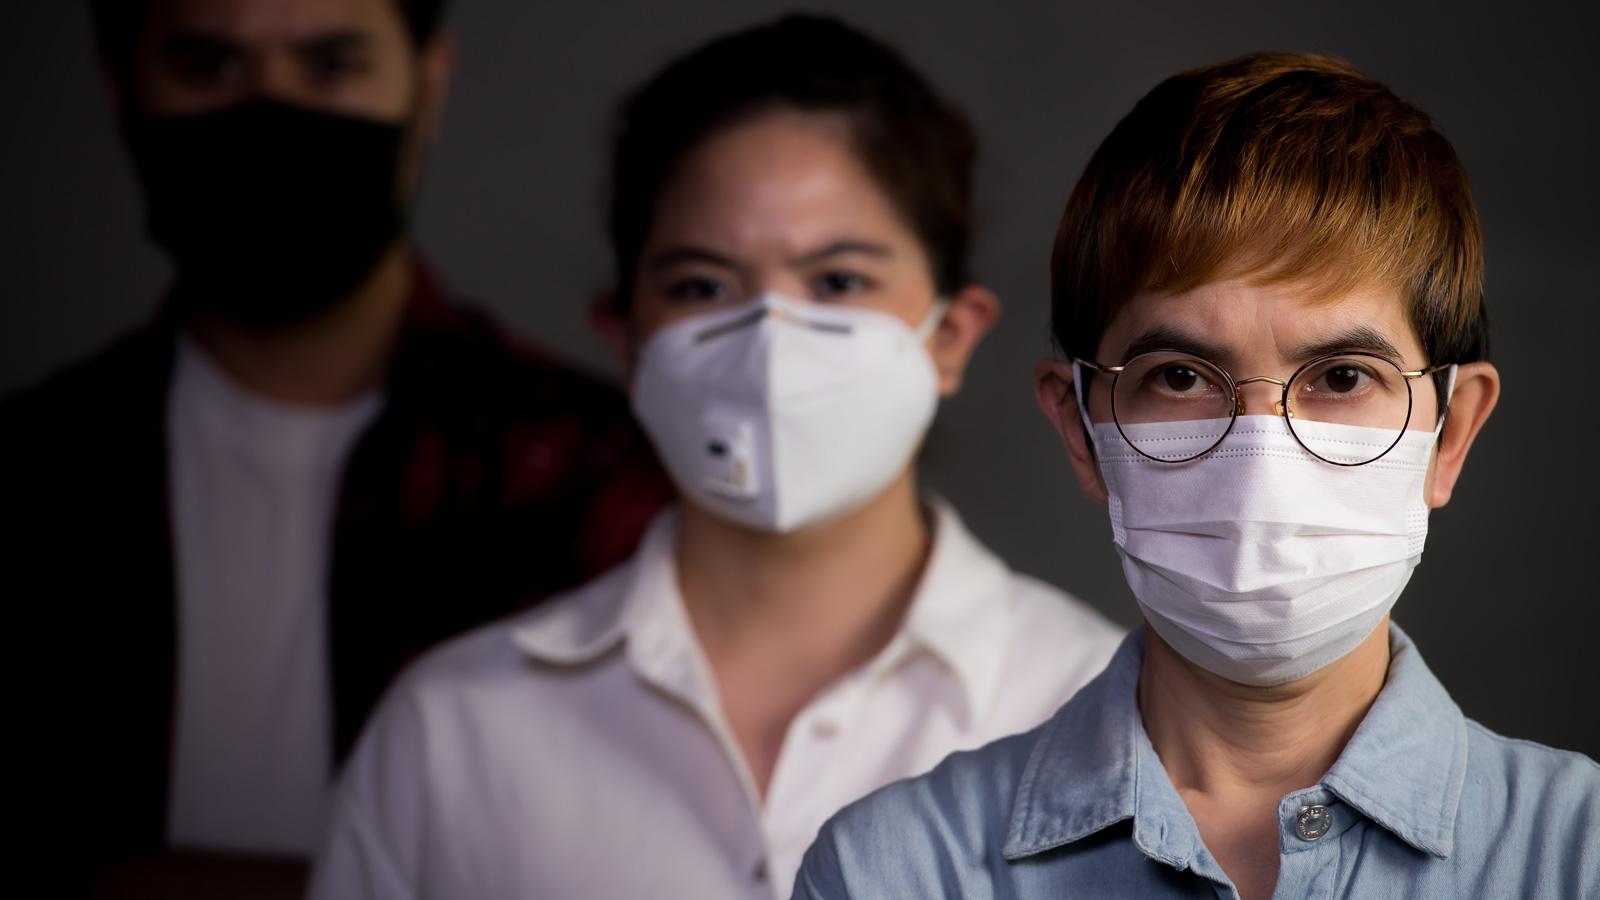 5 faz koronakryzysu – Komunikacja kryzysowa kryzys mediarun maska na twarz koronawirus 2020